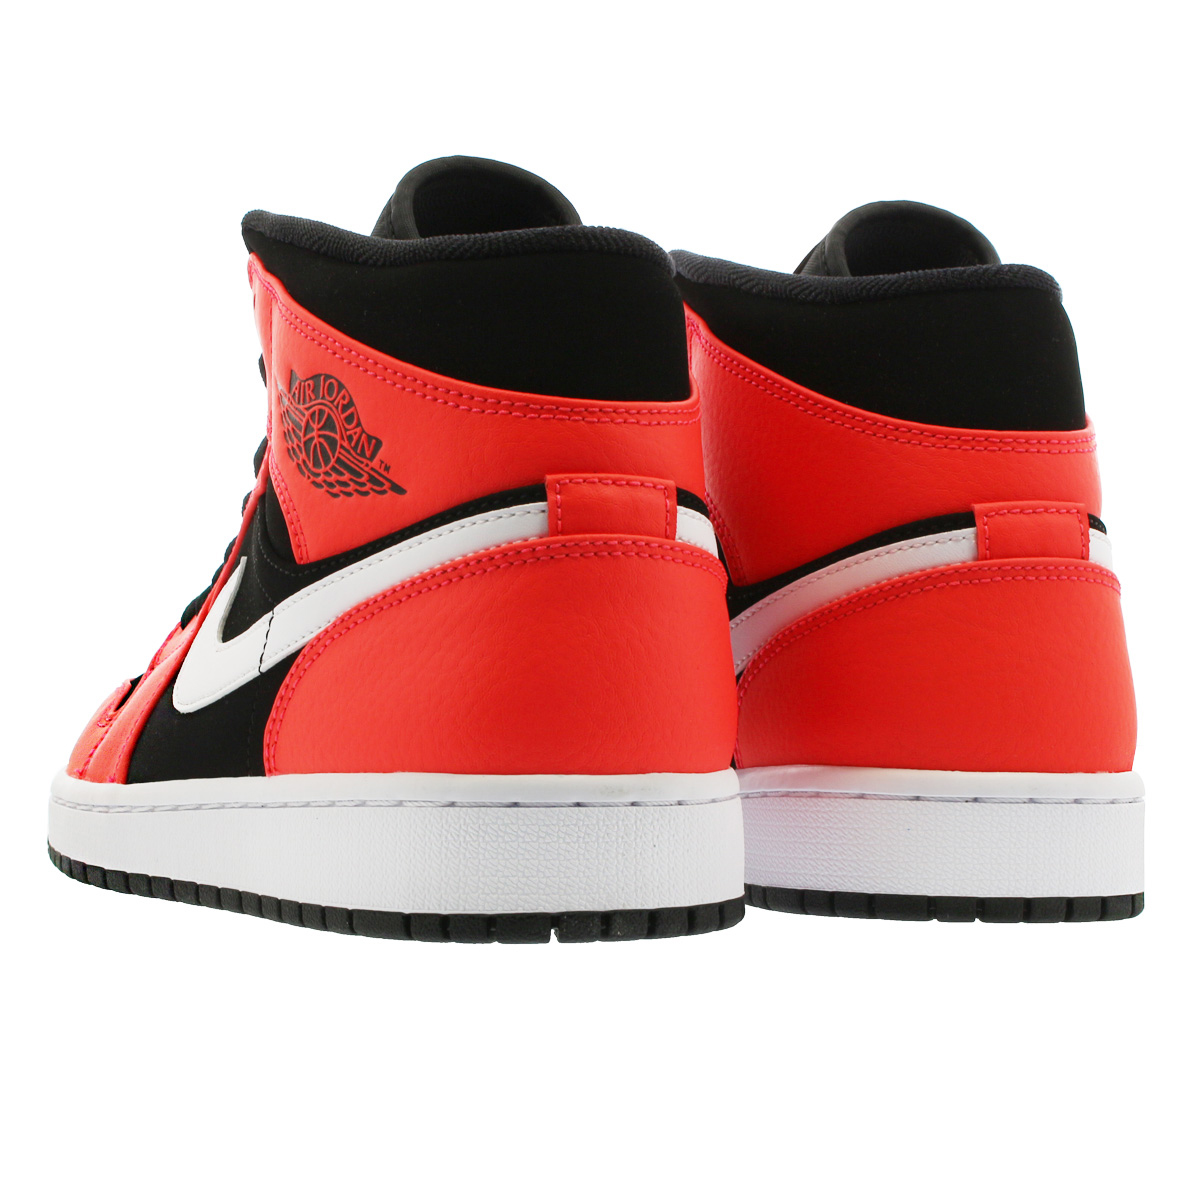 best loved 7db38 83ee1 NIKE AIR JORDAN 1 MID Nike Air Jordan 1 mid BLACK INFRARED 23 WHITE 554,724- 061